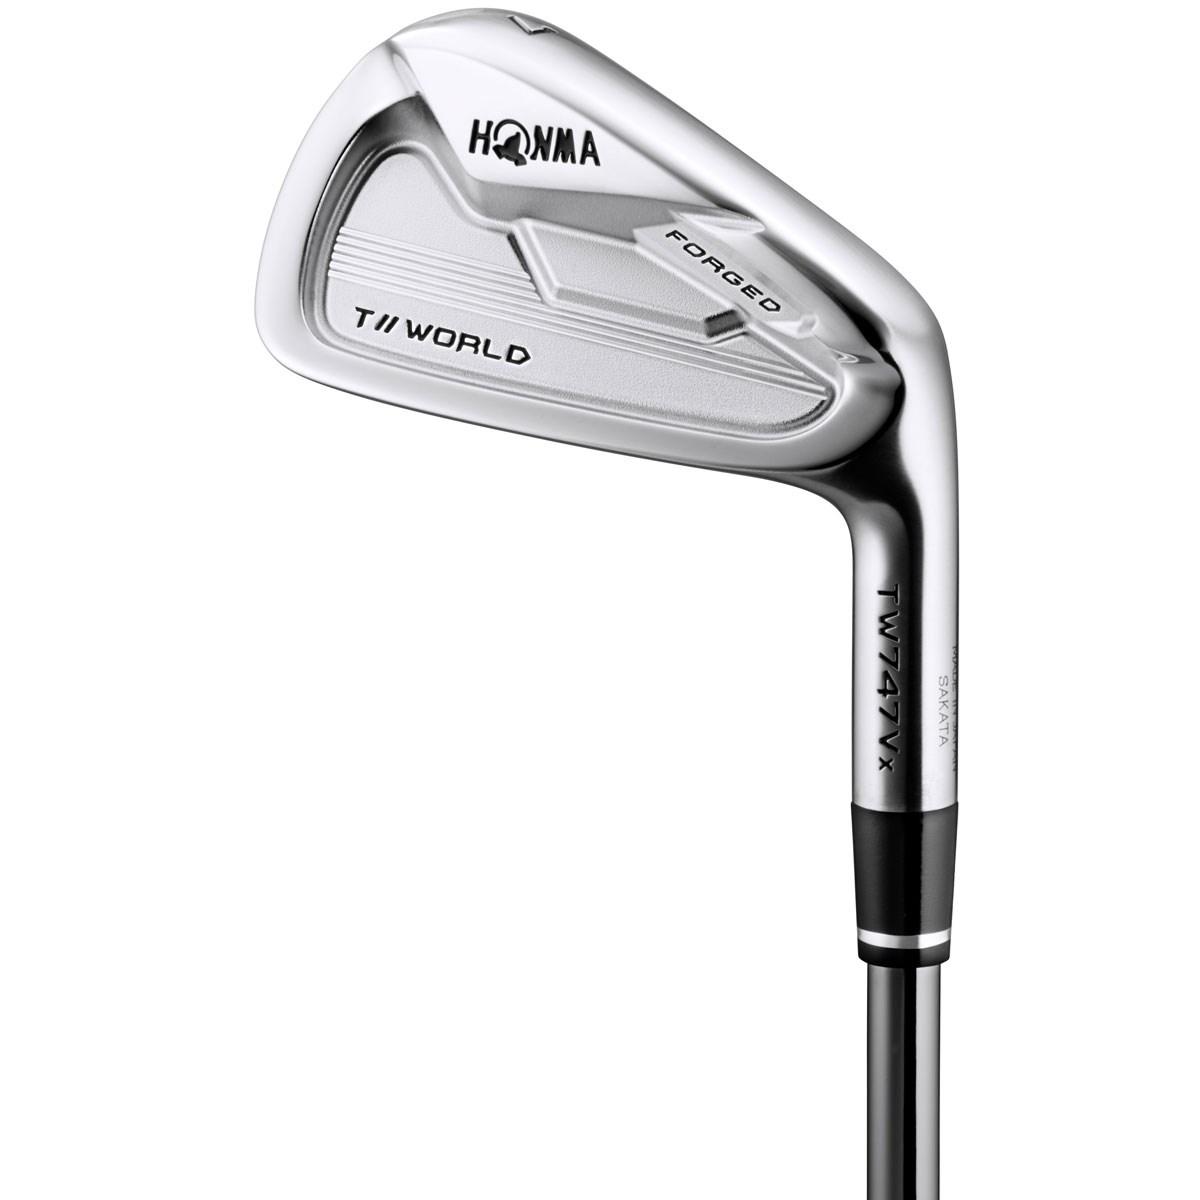 本間ゴルフ(HONMA GOLF) ツアーワールド TW747 Vx アイアン(単品) VIZARD IB-WF 85